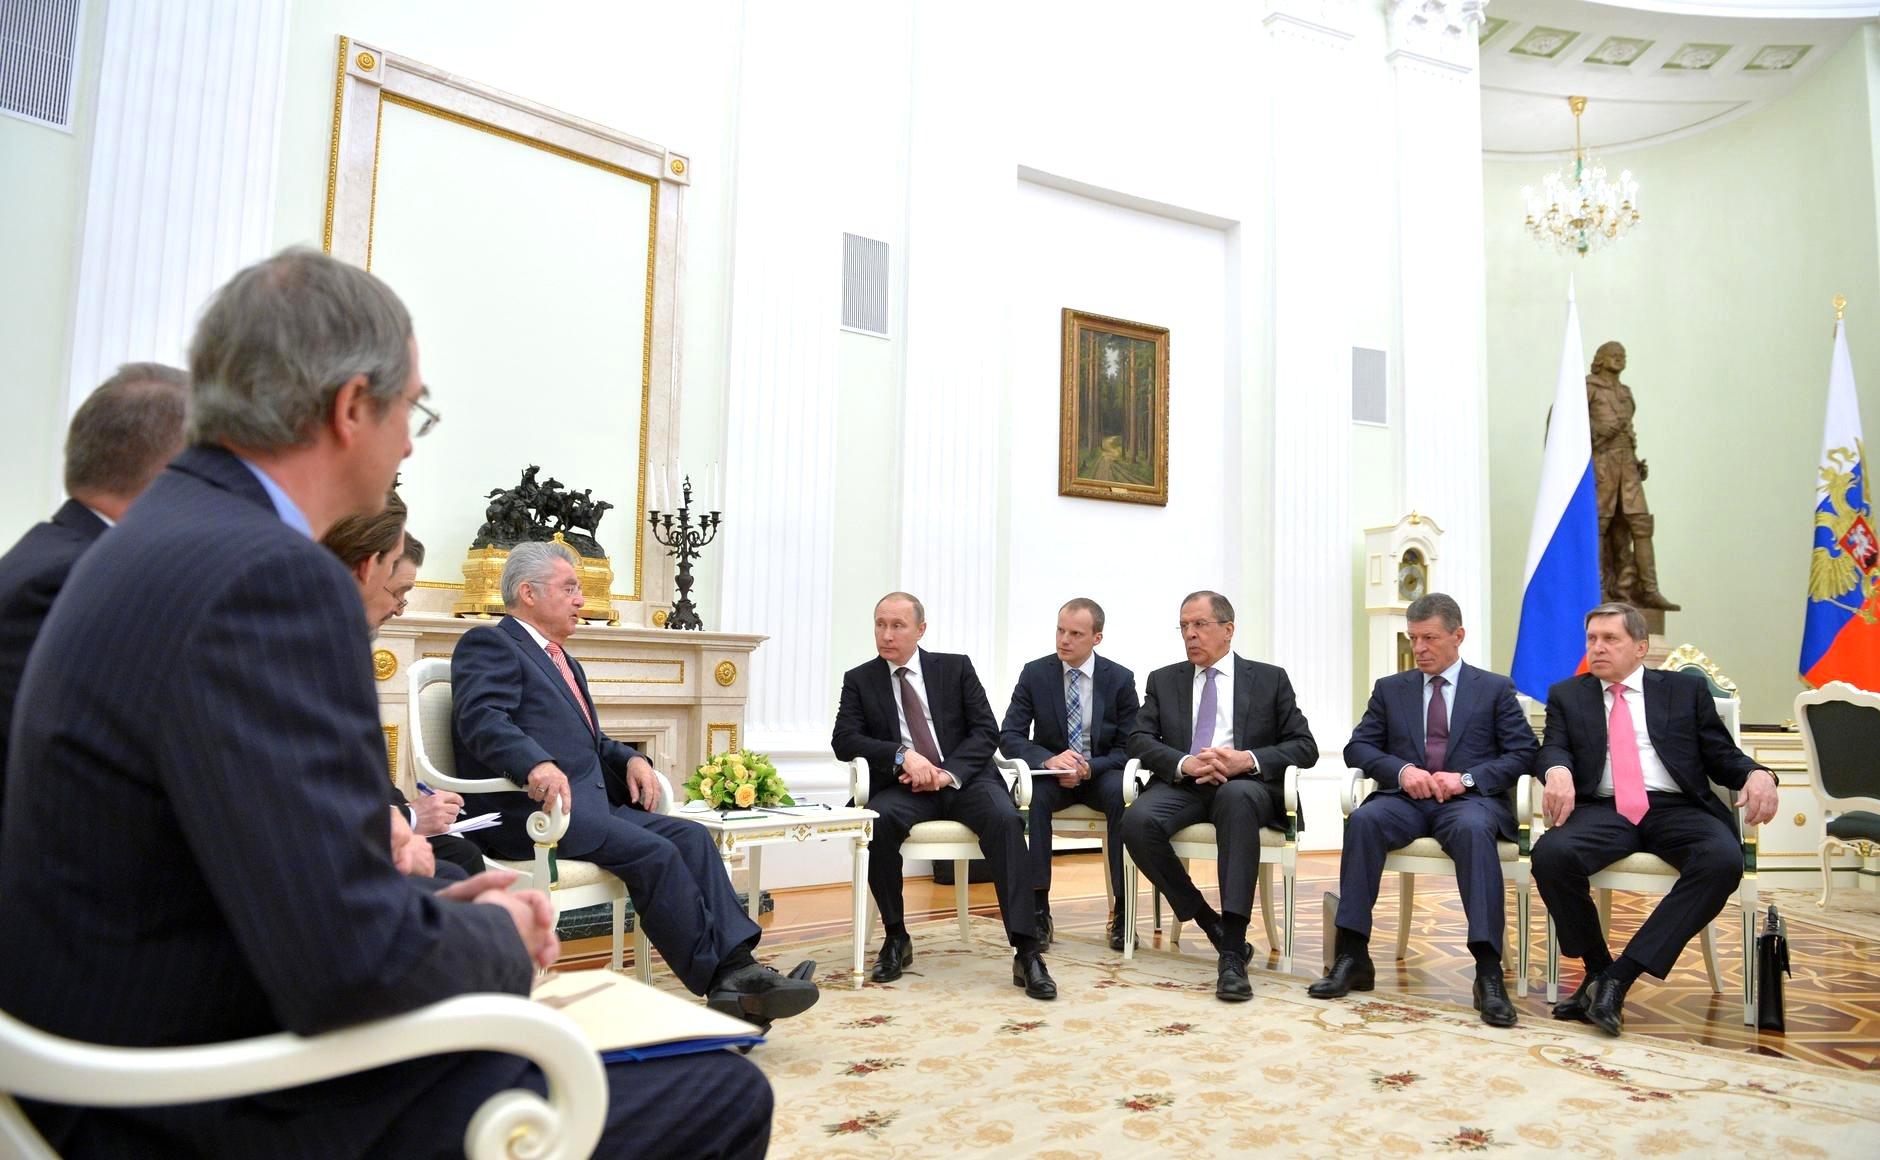 Russian President Vladimir Putin meets with Austrian President Heinz Fischer.